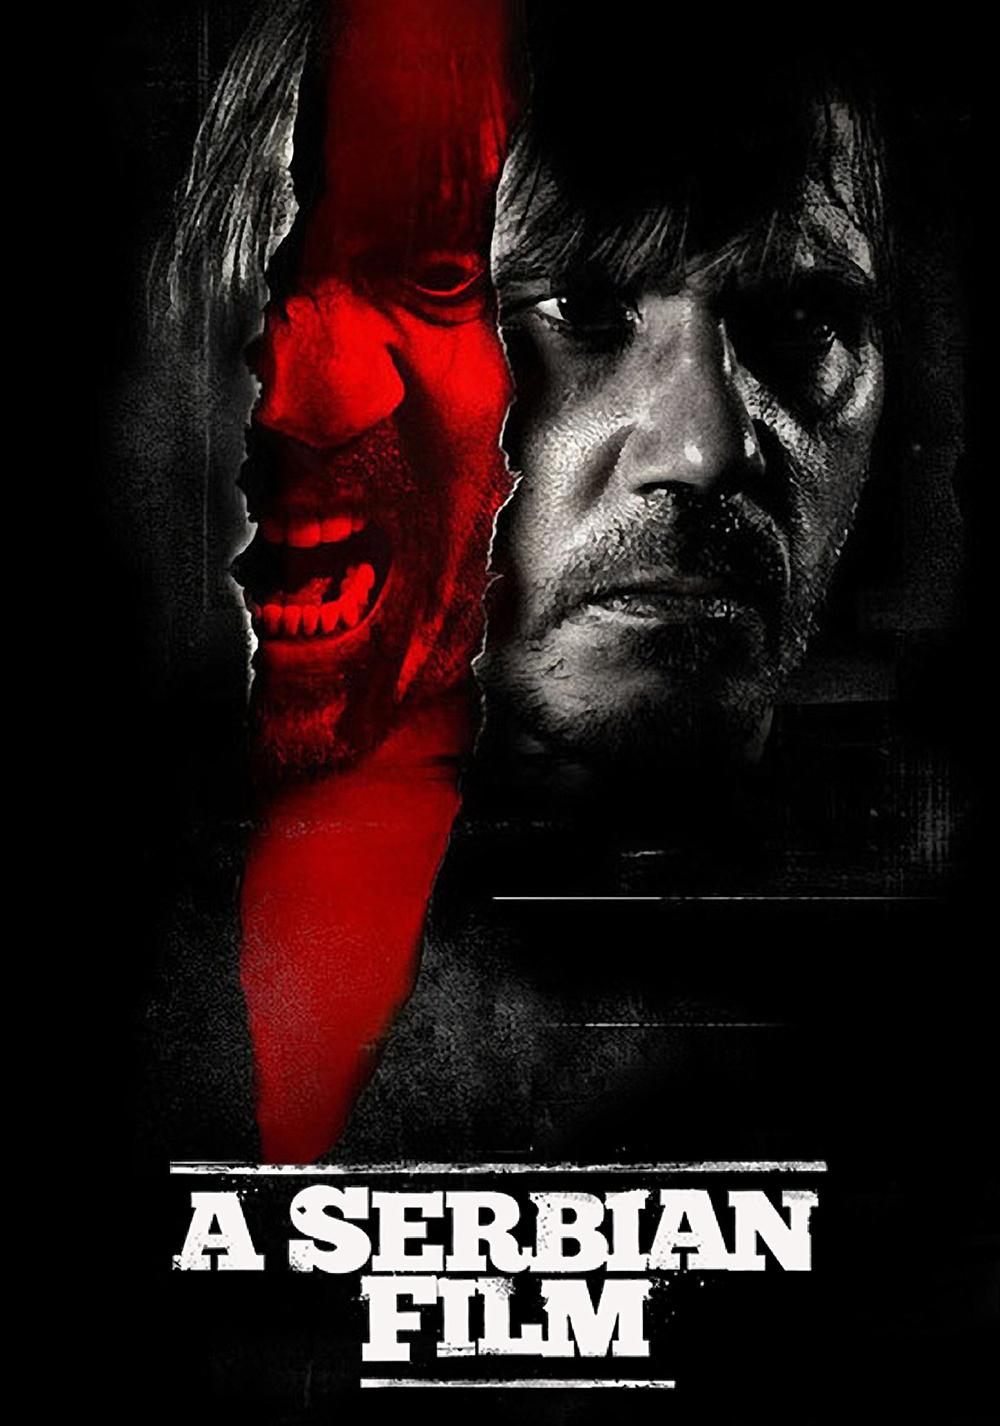 A Serbian Film | Movie fanart | fanart.tv